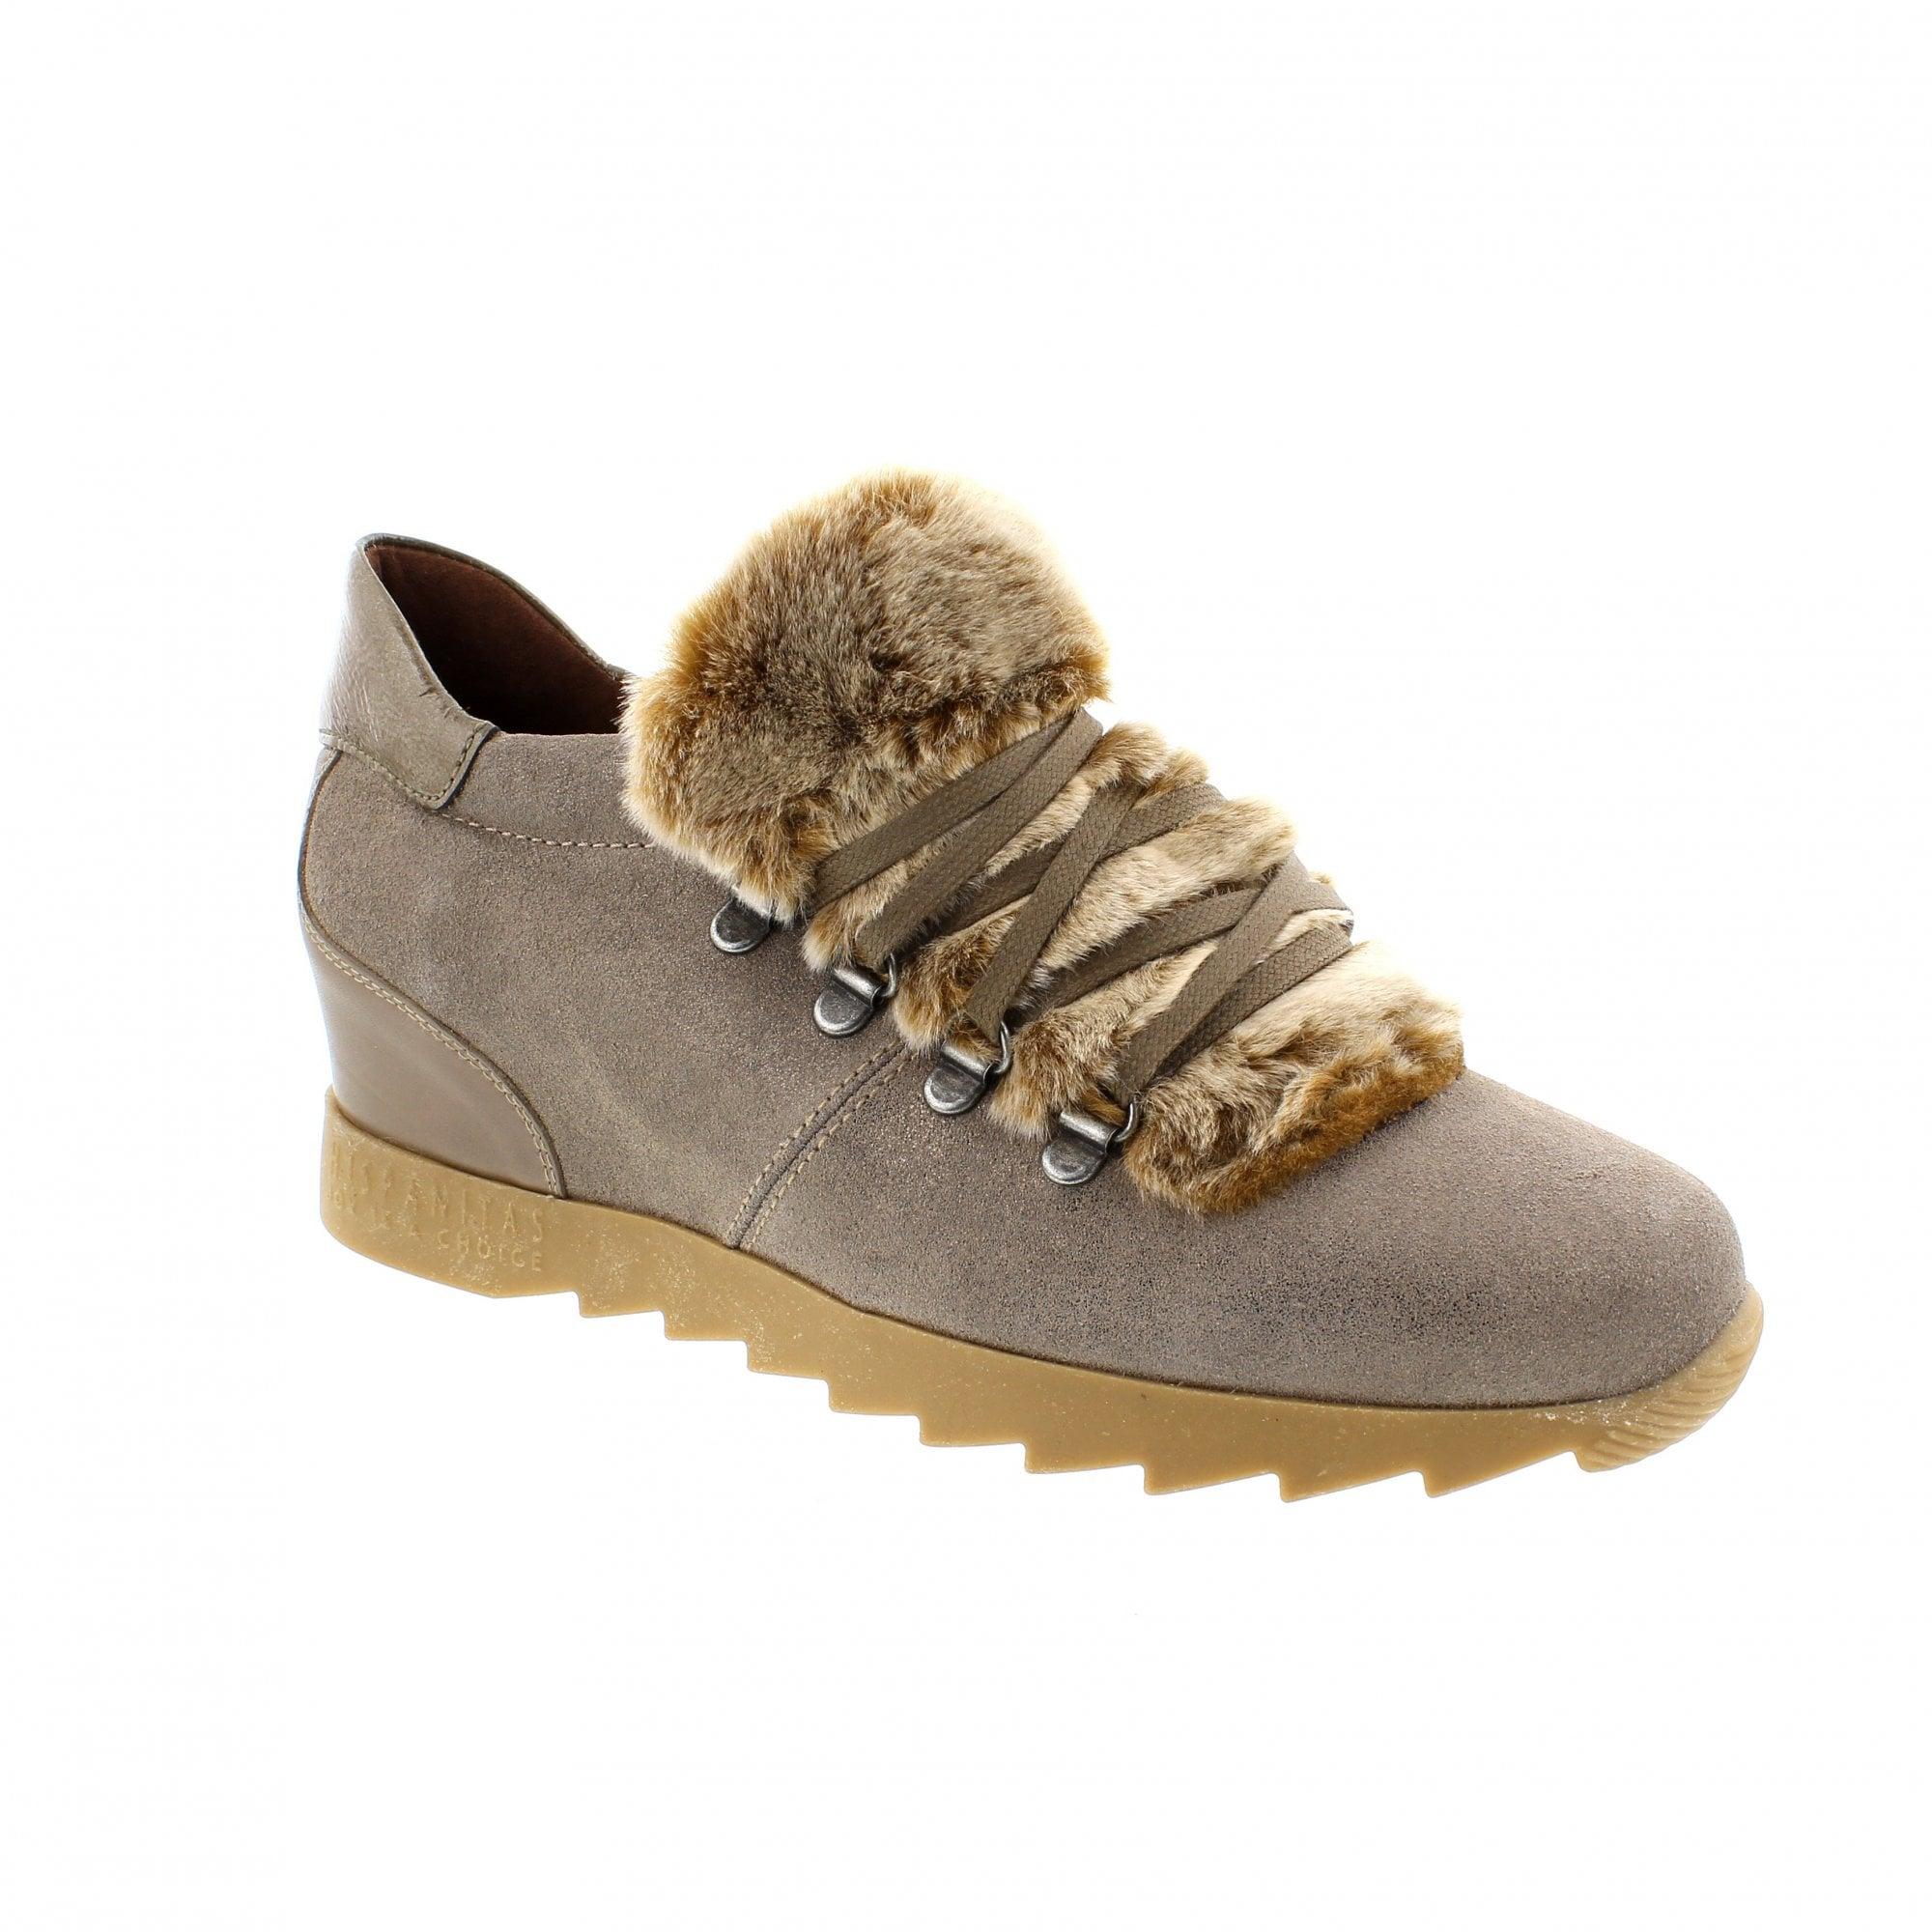 cafc7e8ede922c Hispanitas Sesame 87380-v40 Womens Shoes